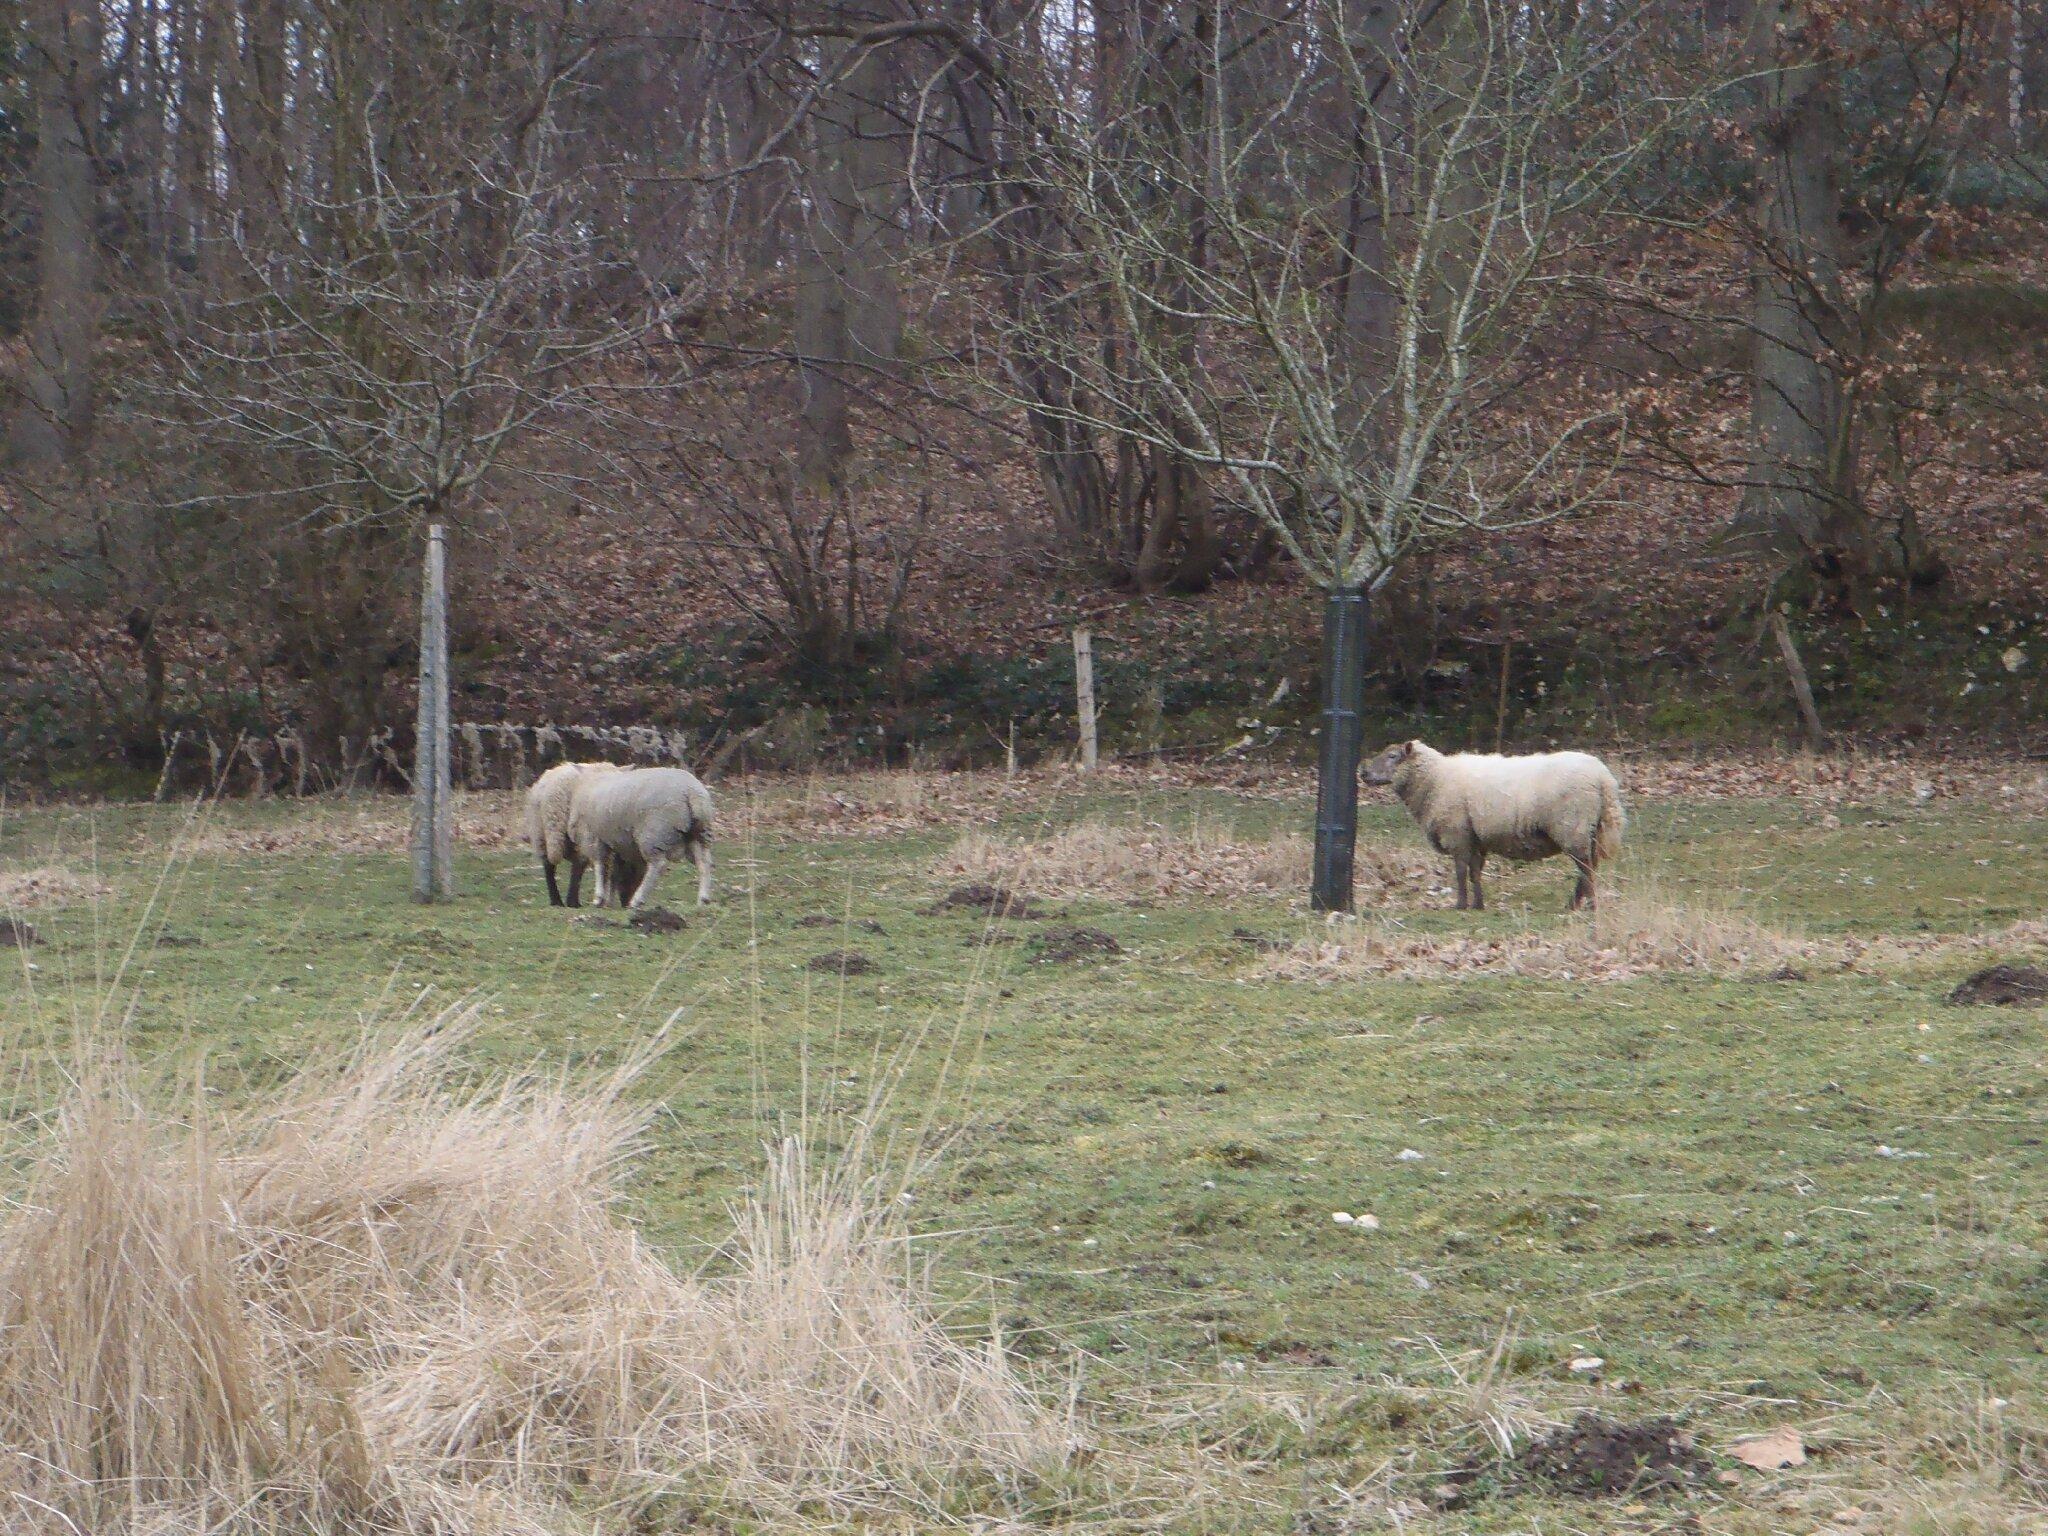 le pioupiou :cui-cui et les moutons bhé bhééé